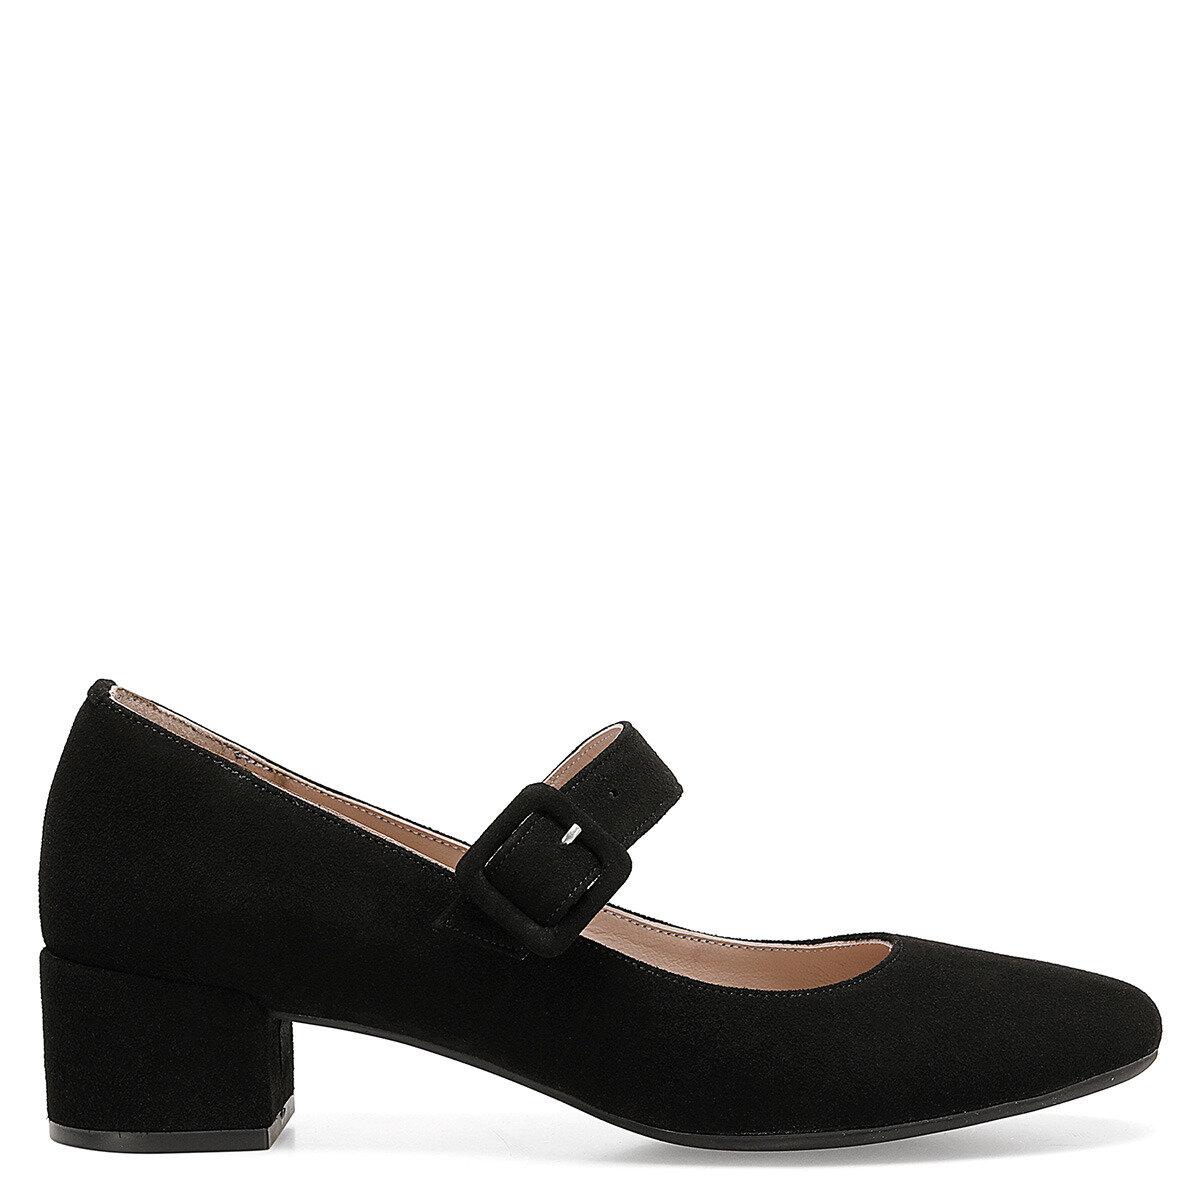 MARLENE Siyah Kadın Topuklu Ayakkabı